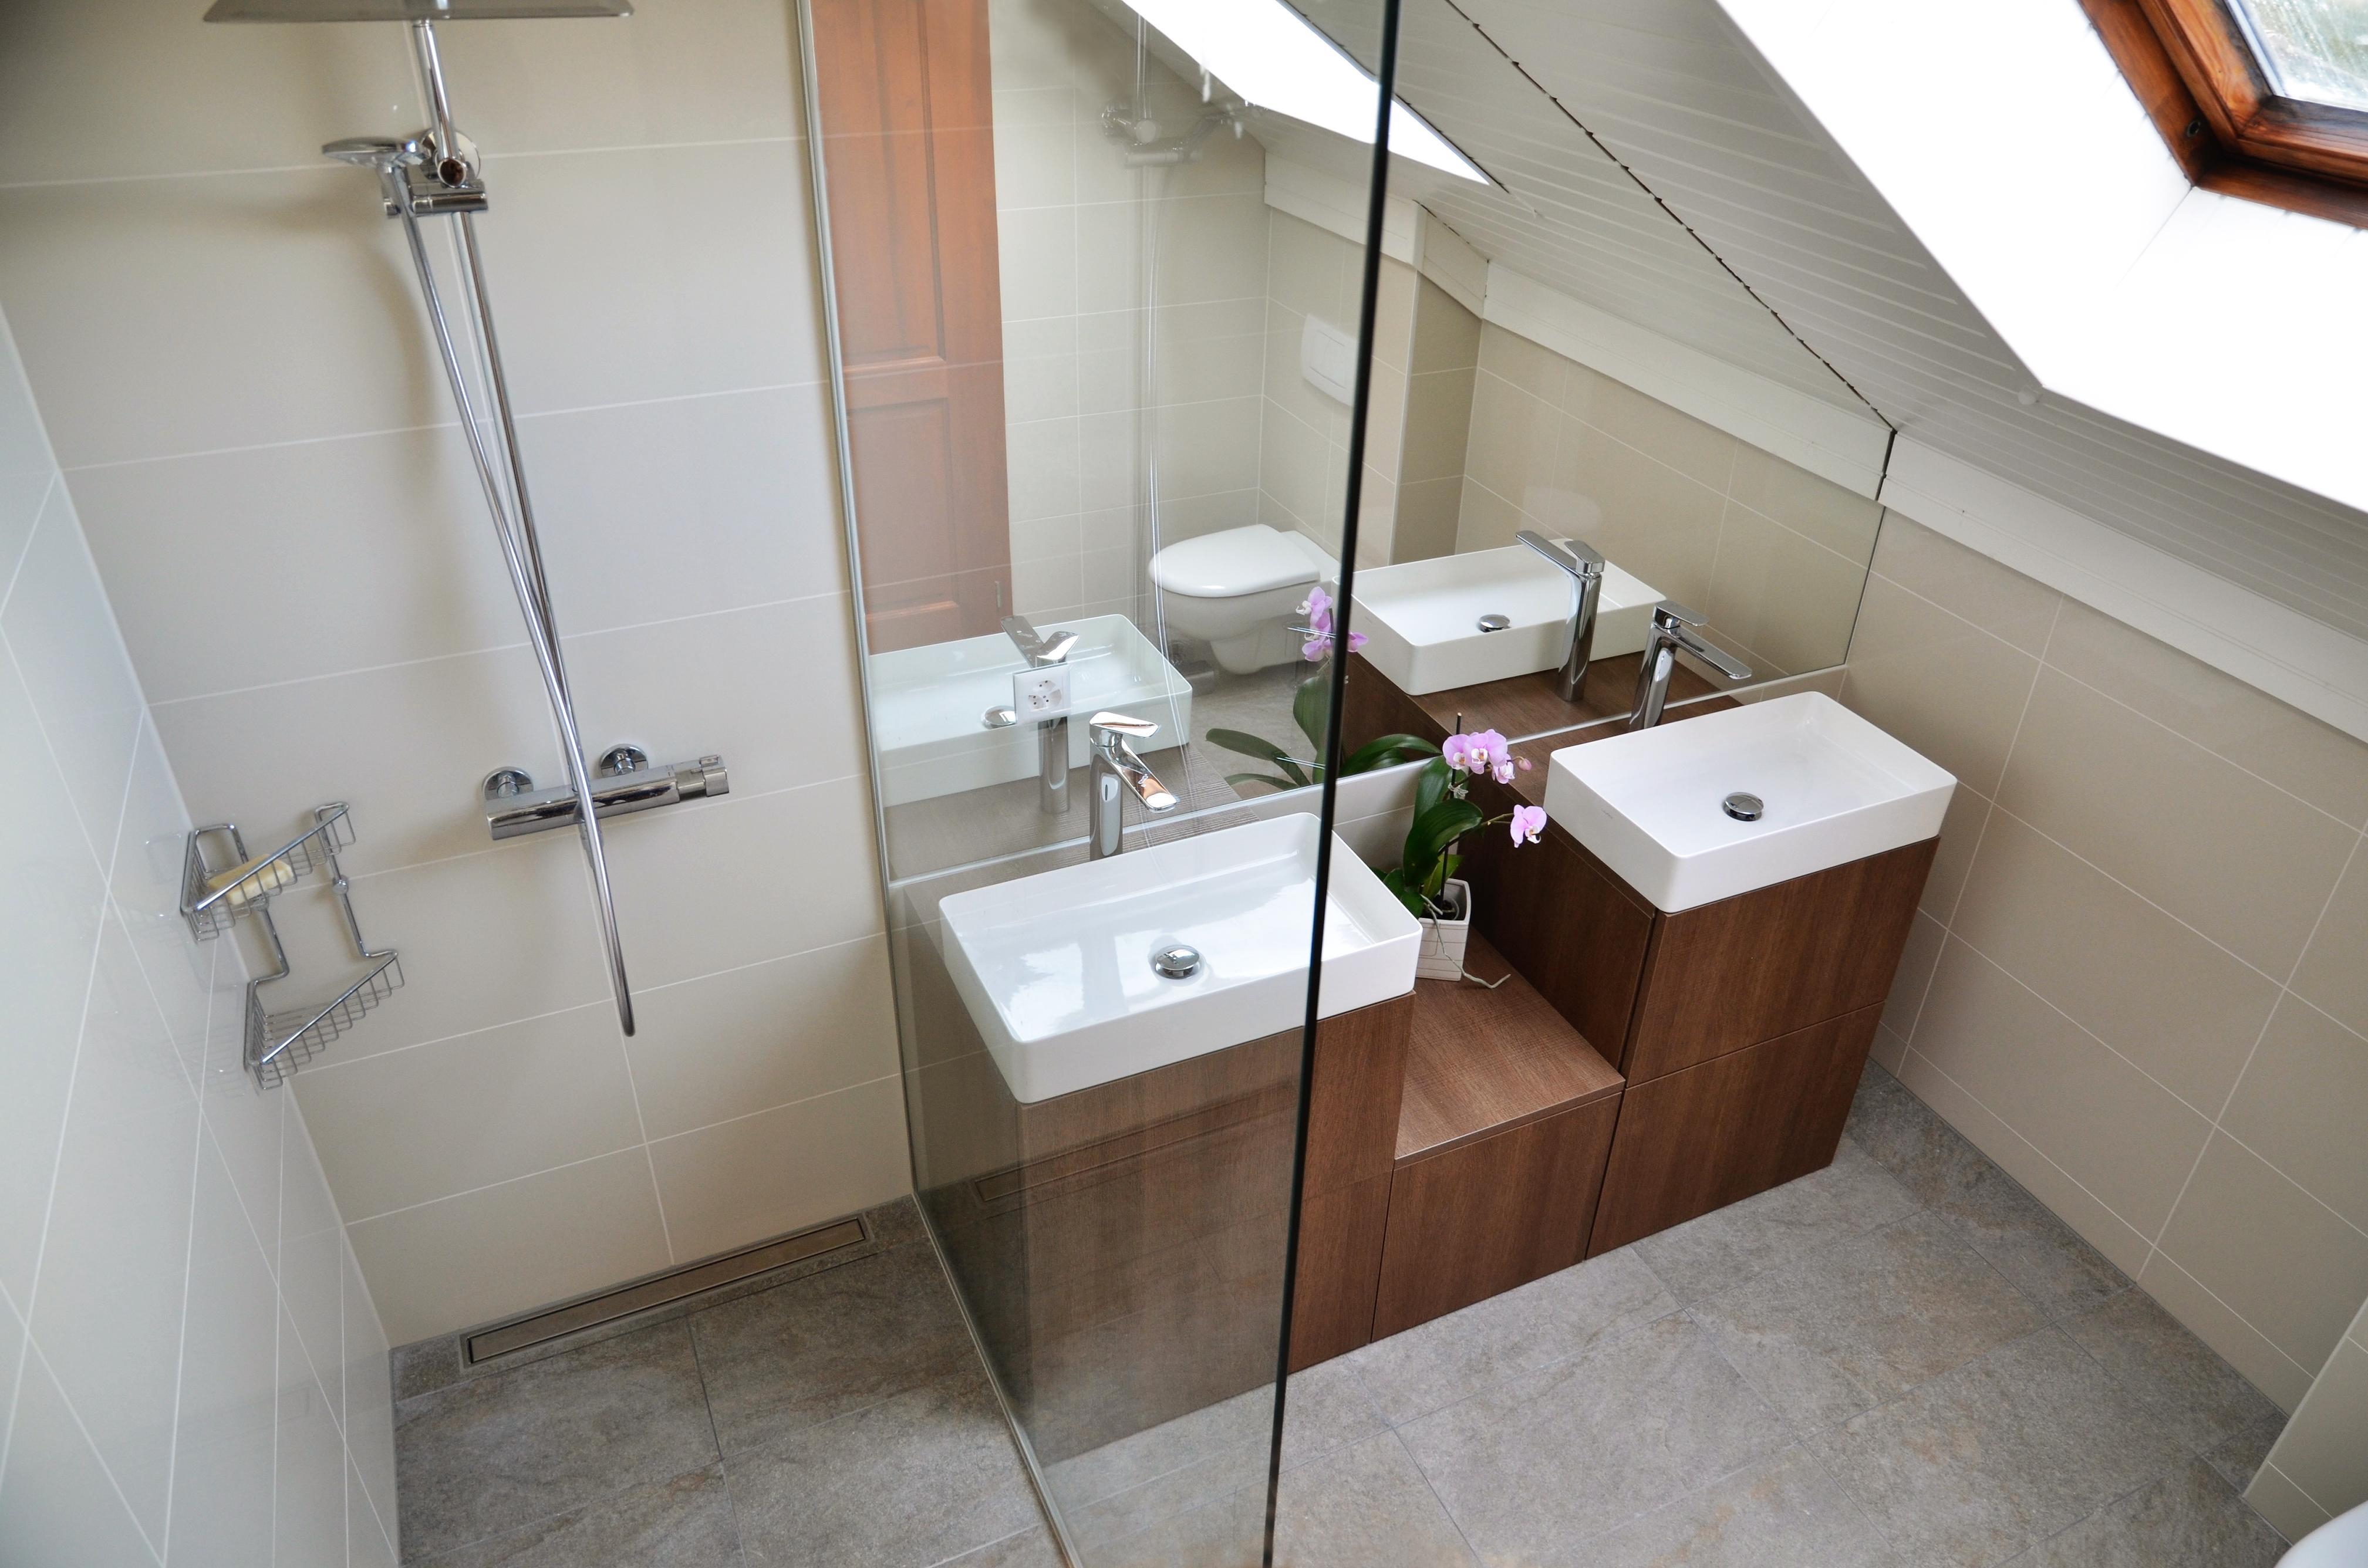 Poubelle Salle De Bain Rose Fushia ~ Salle De Bain Gen Ve Nyon Lausanne Architecte D Int Rieur Gen Ve